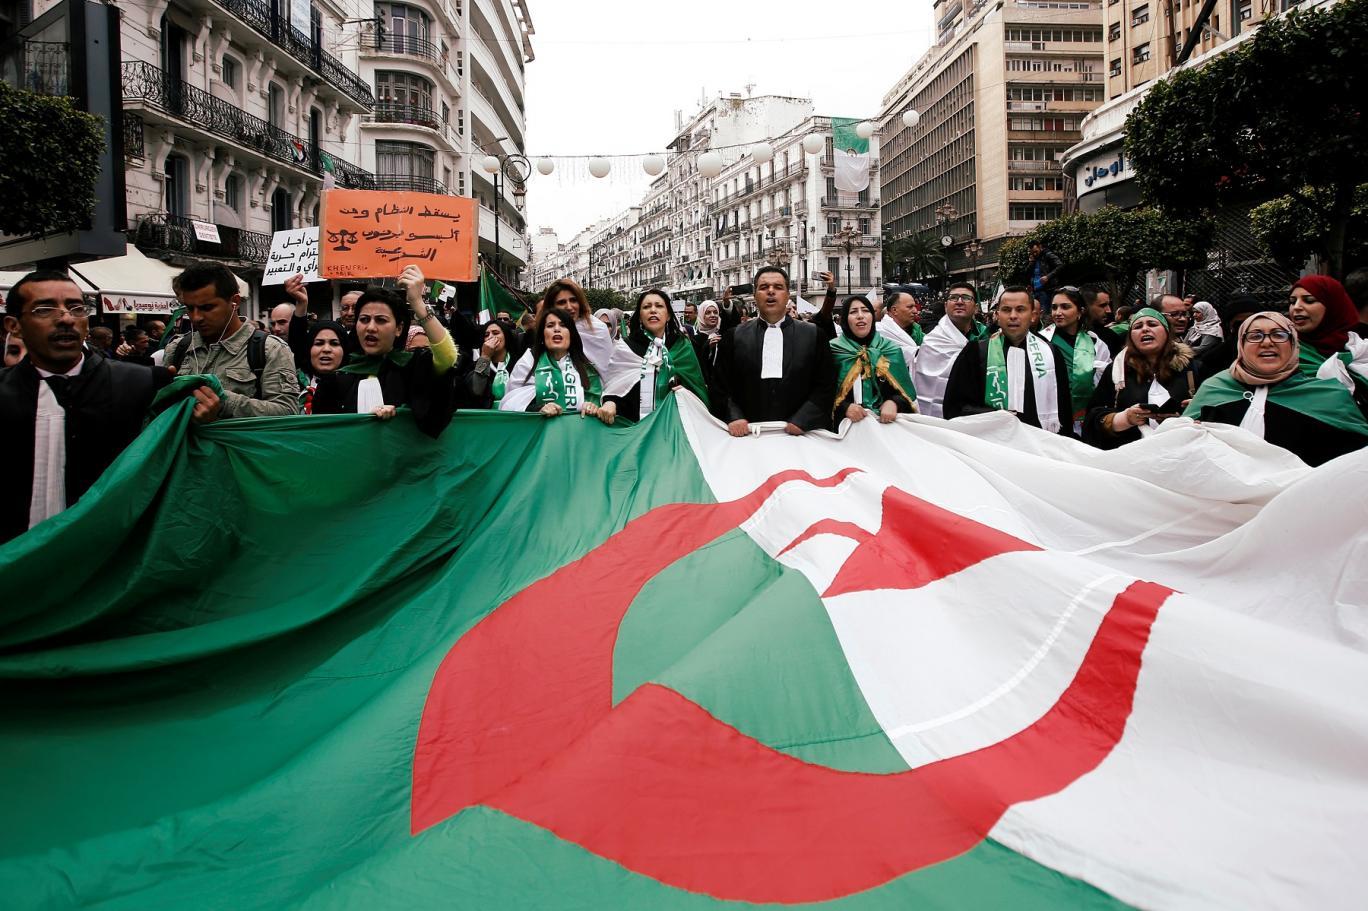 كارثة اقتصادية تهدد الجزائر... مع استمرار الحراك الشعبي والانسداد السياسي | اندبندنت عربية